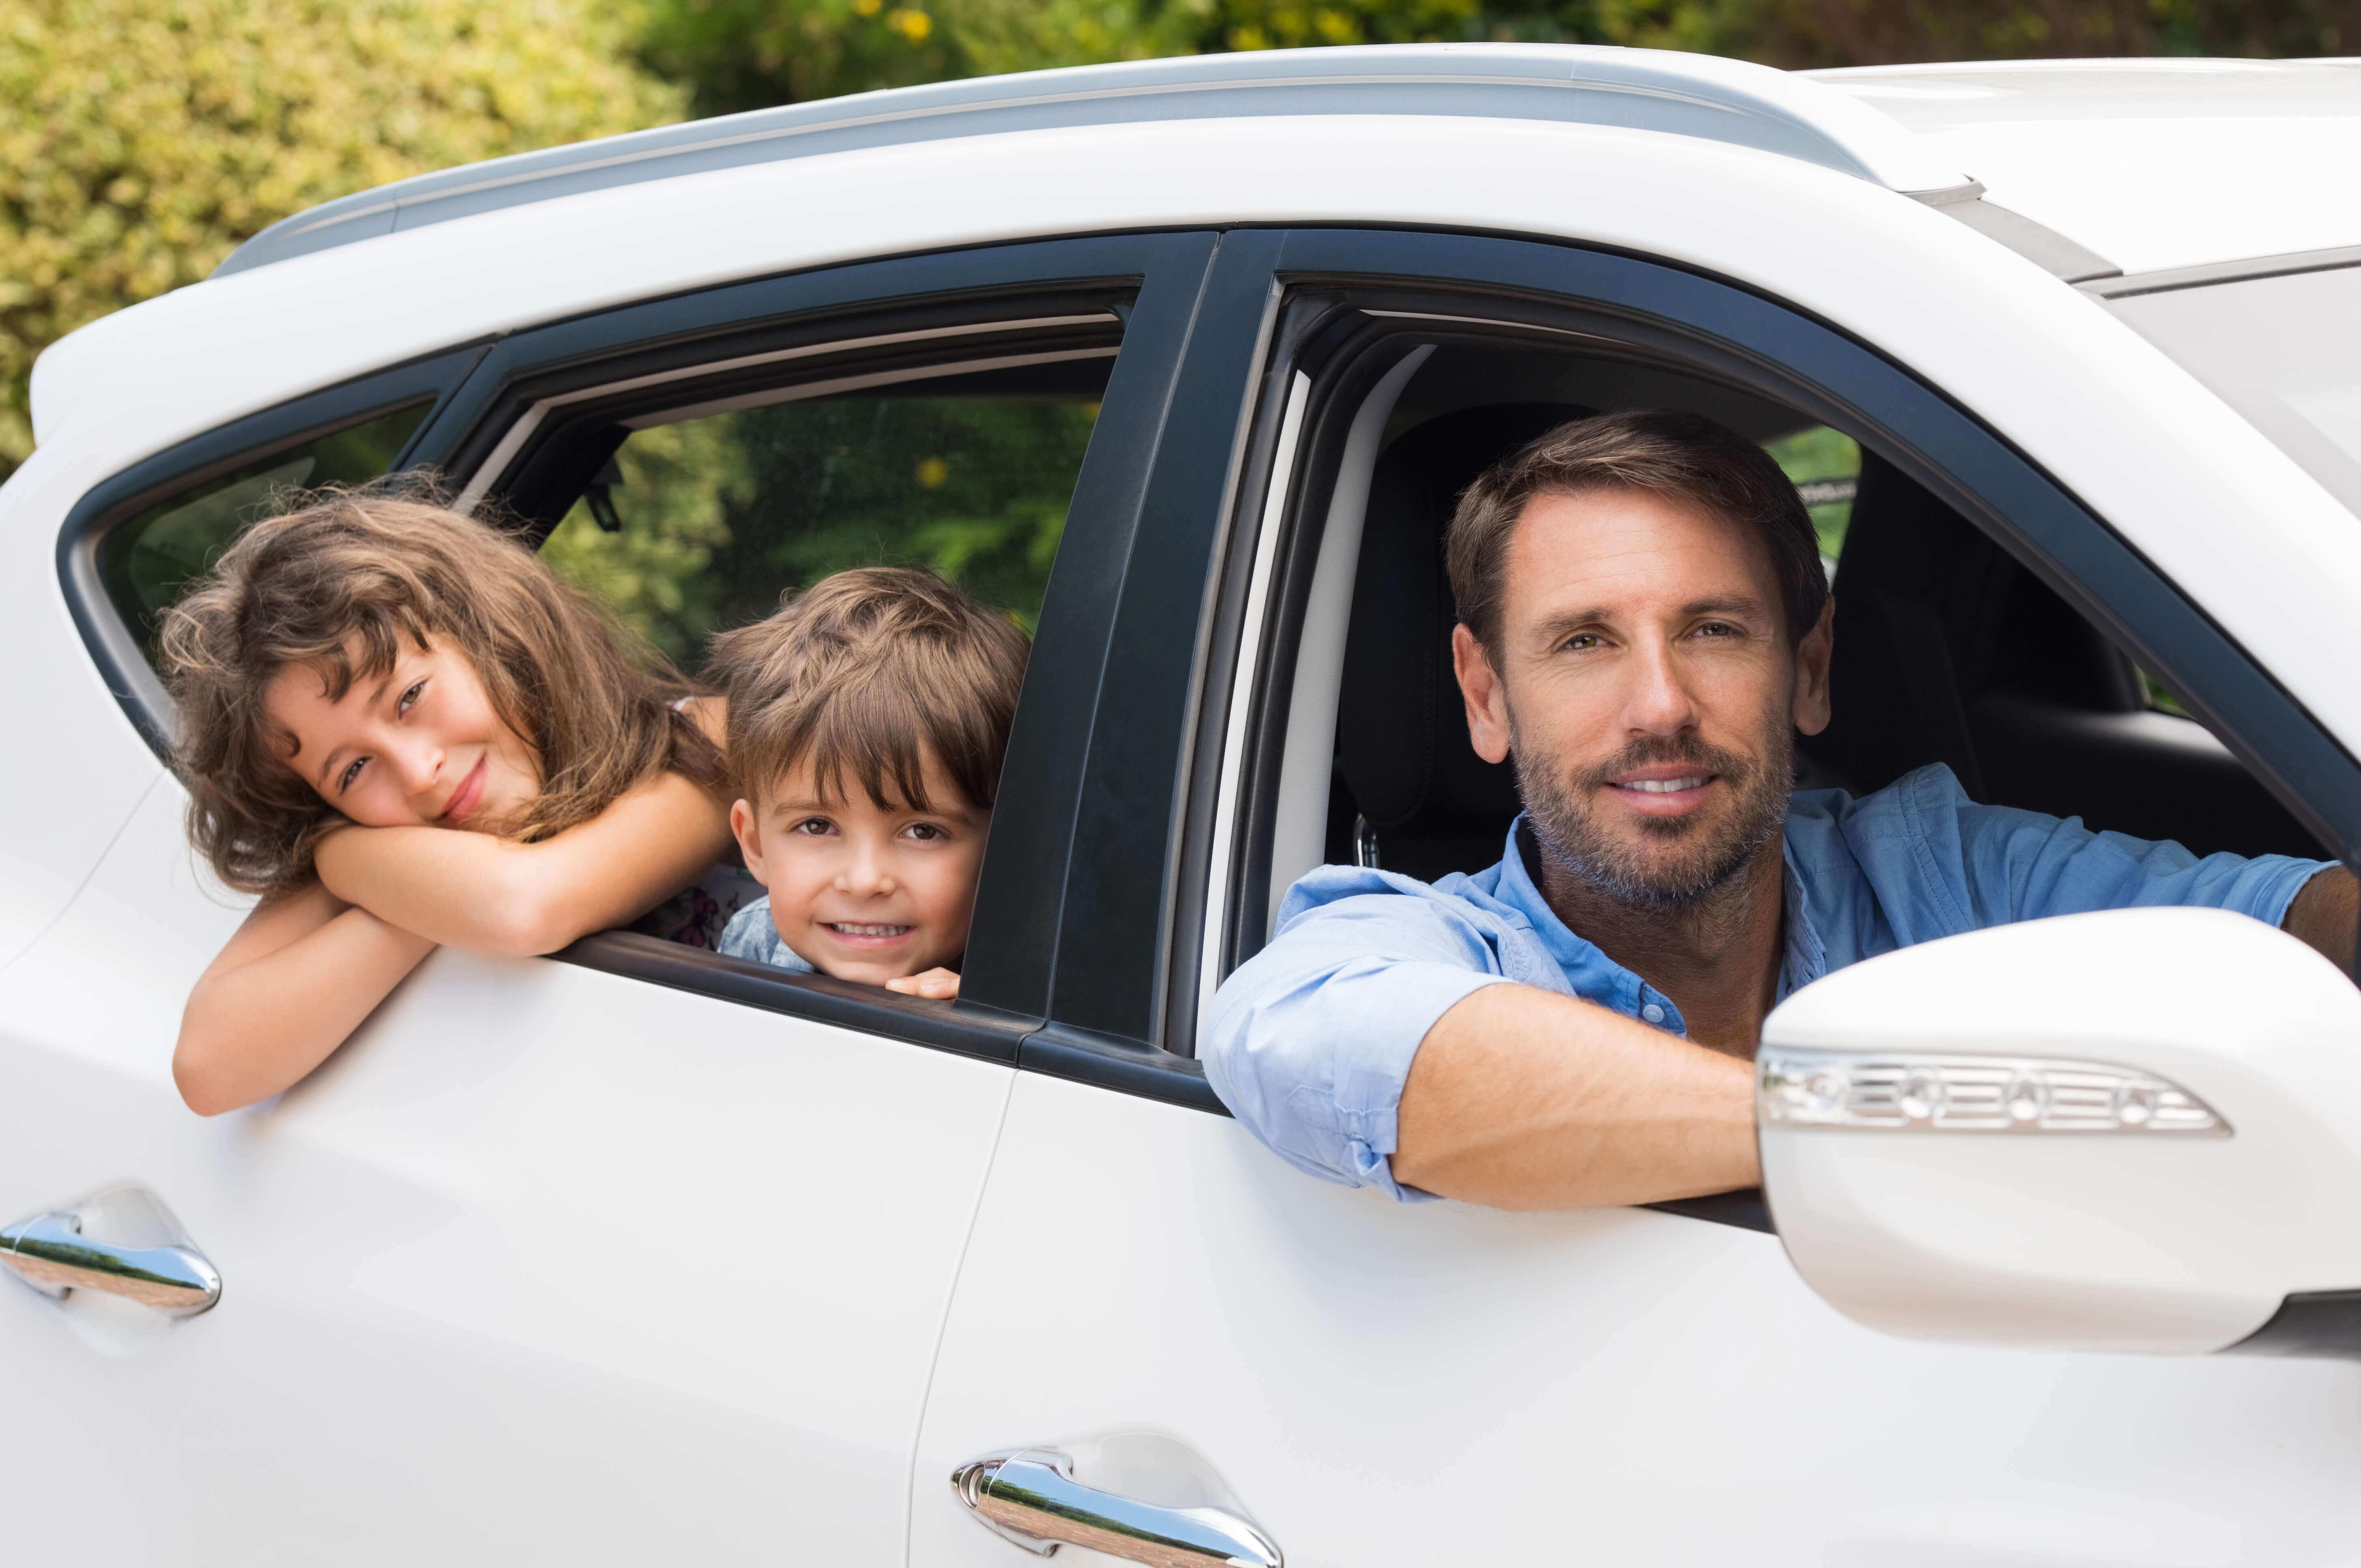 kfz versicherung die beste autoversicherung finden. Black Bedroom Furniture Sets. Home Design Ideas